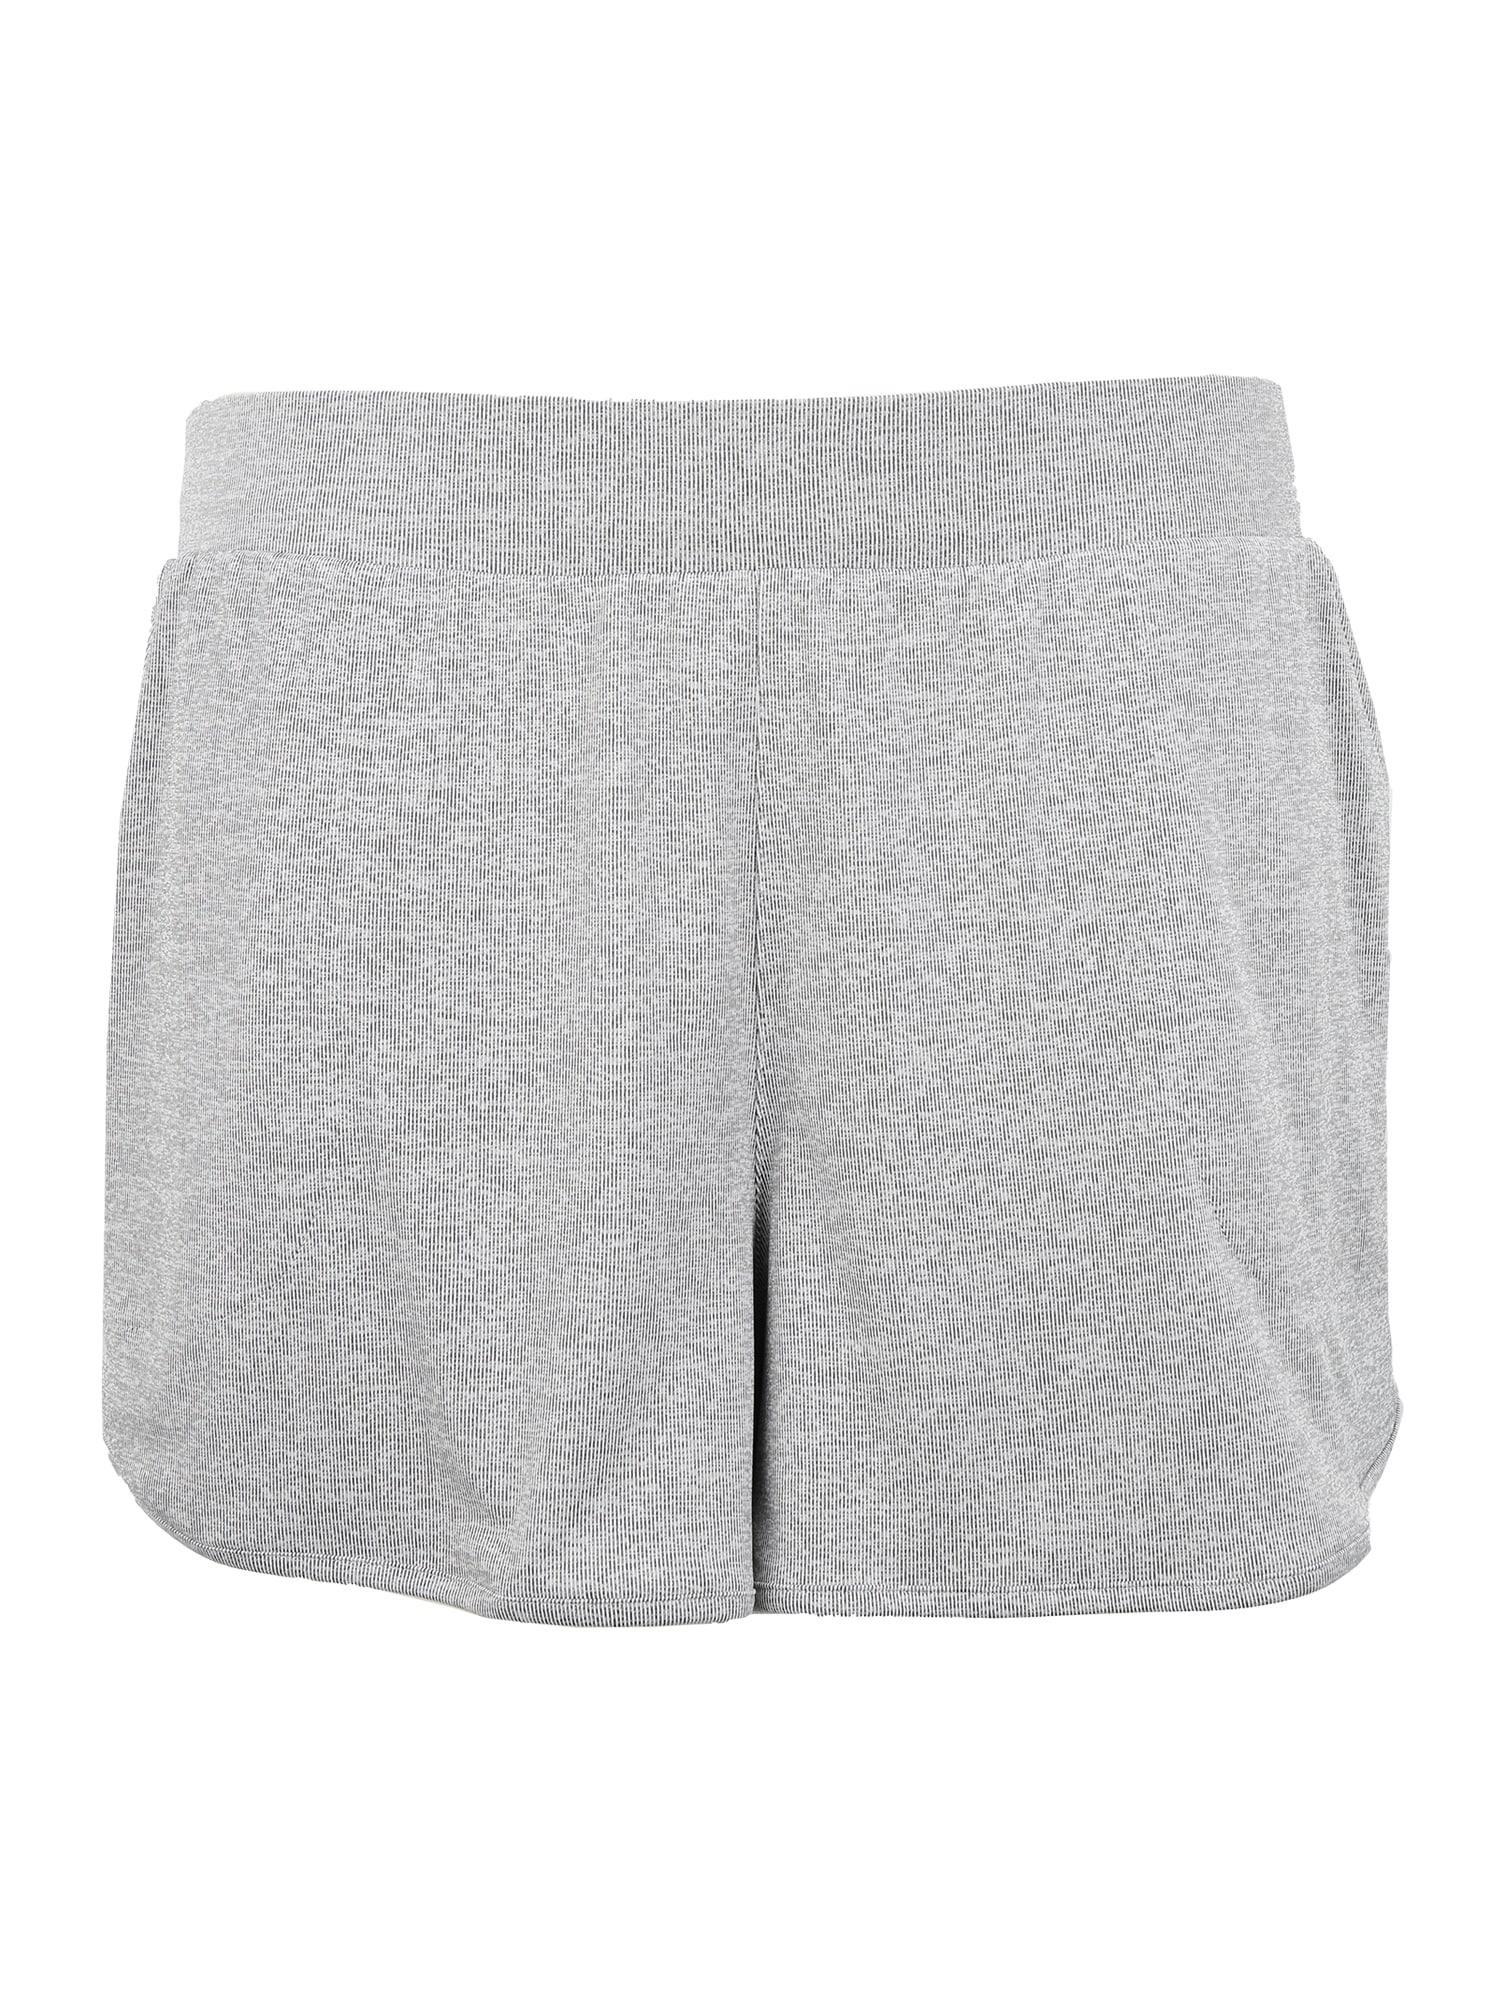 NIKE Sportinės kelnės pilka / juoda